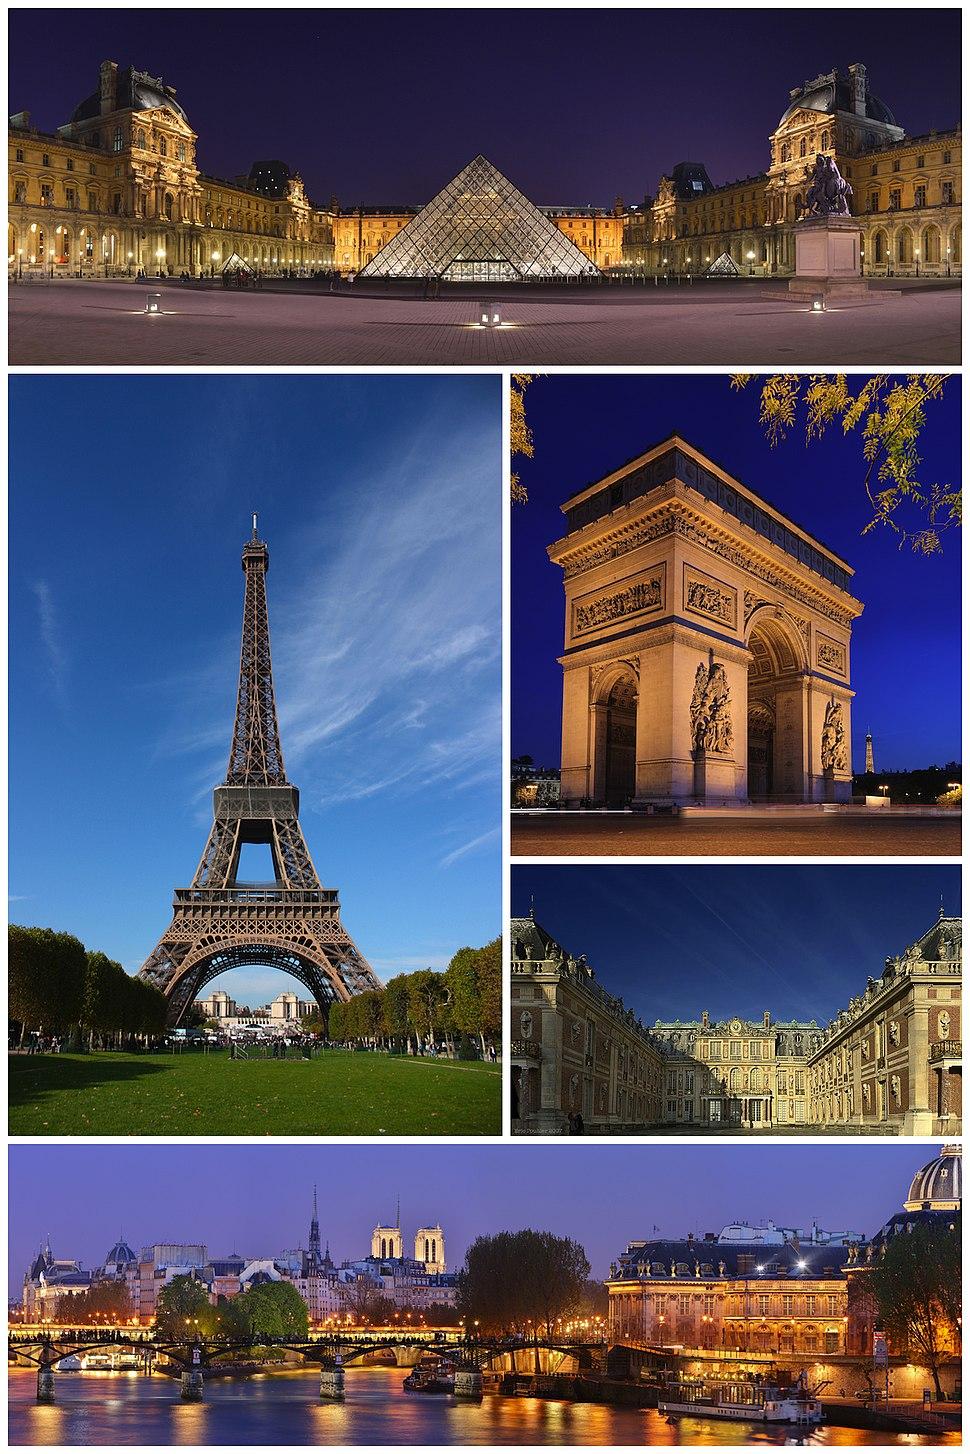 巴黎意象:從上方順時針依序為羅浮宮、凱旋門、凡爾賽宮、藝術橋與巴黎夜景、艾菲爾鐵塔